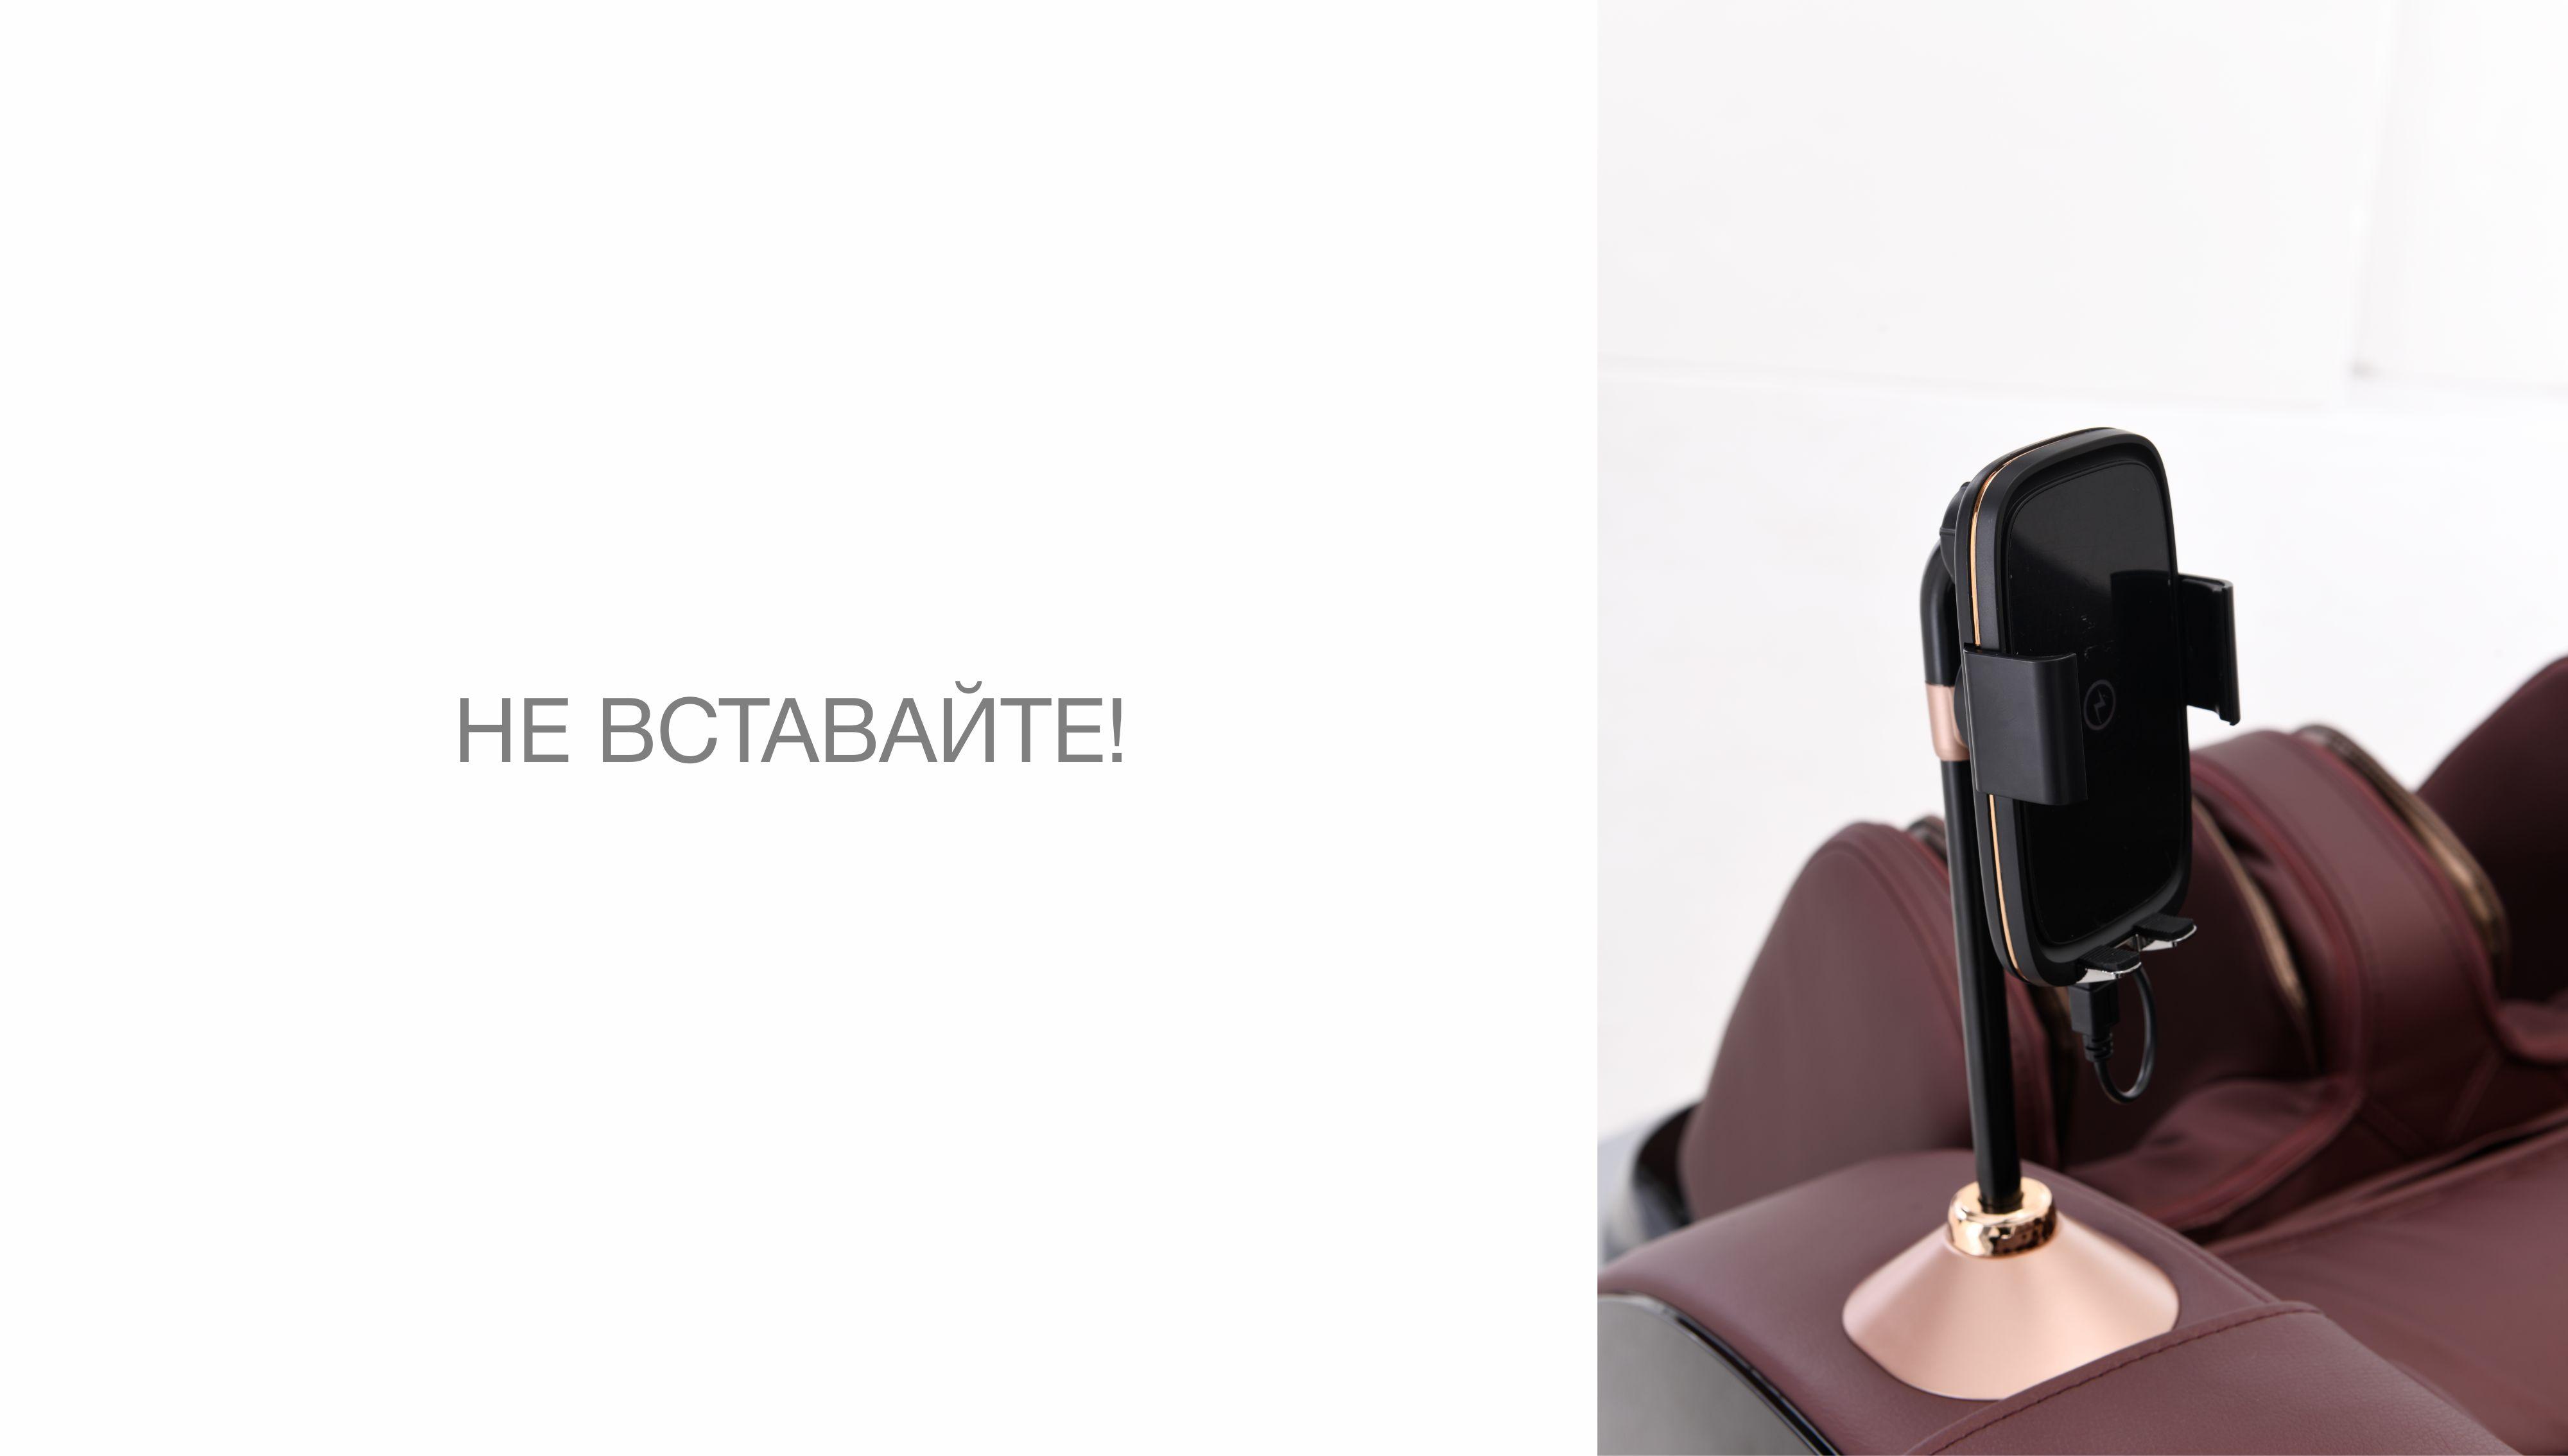 Беспроводное зарядное устройство для смартфона - Массажное кресло Bodo Palladium Bordeaux